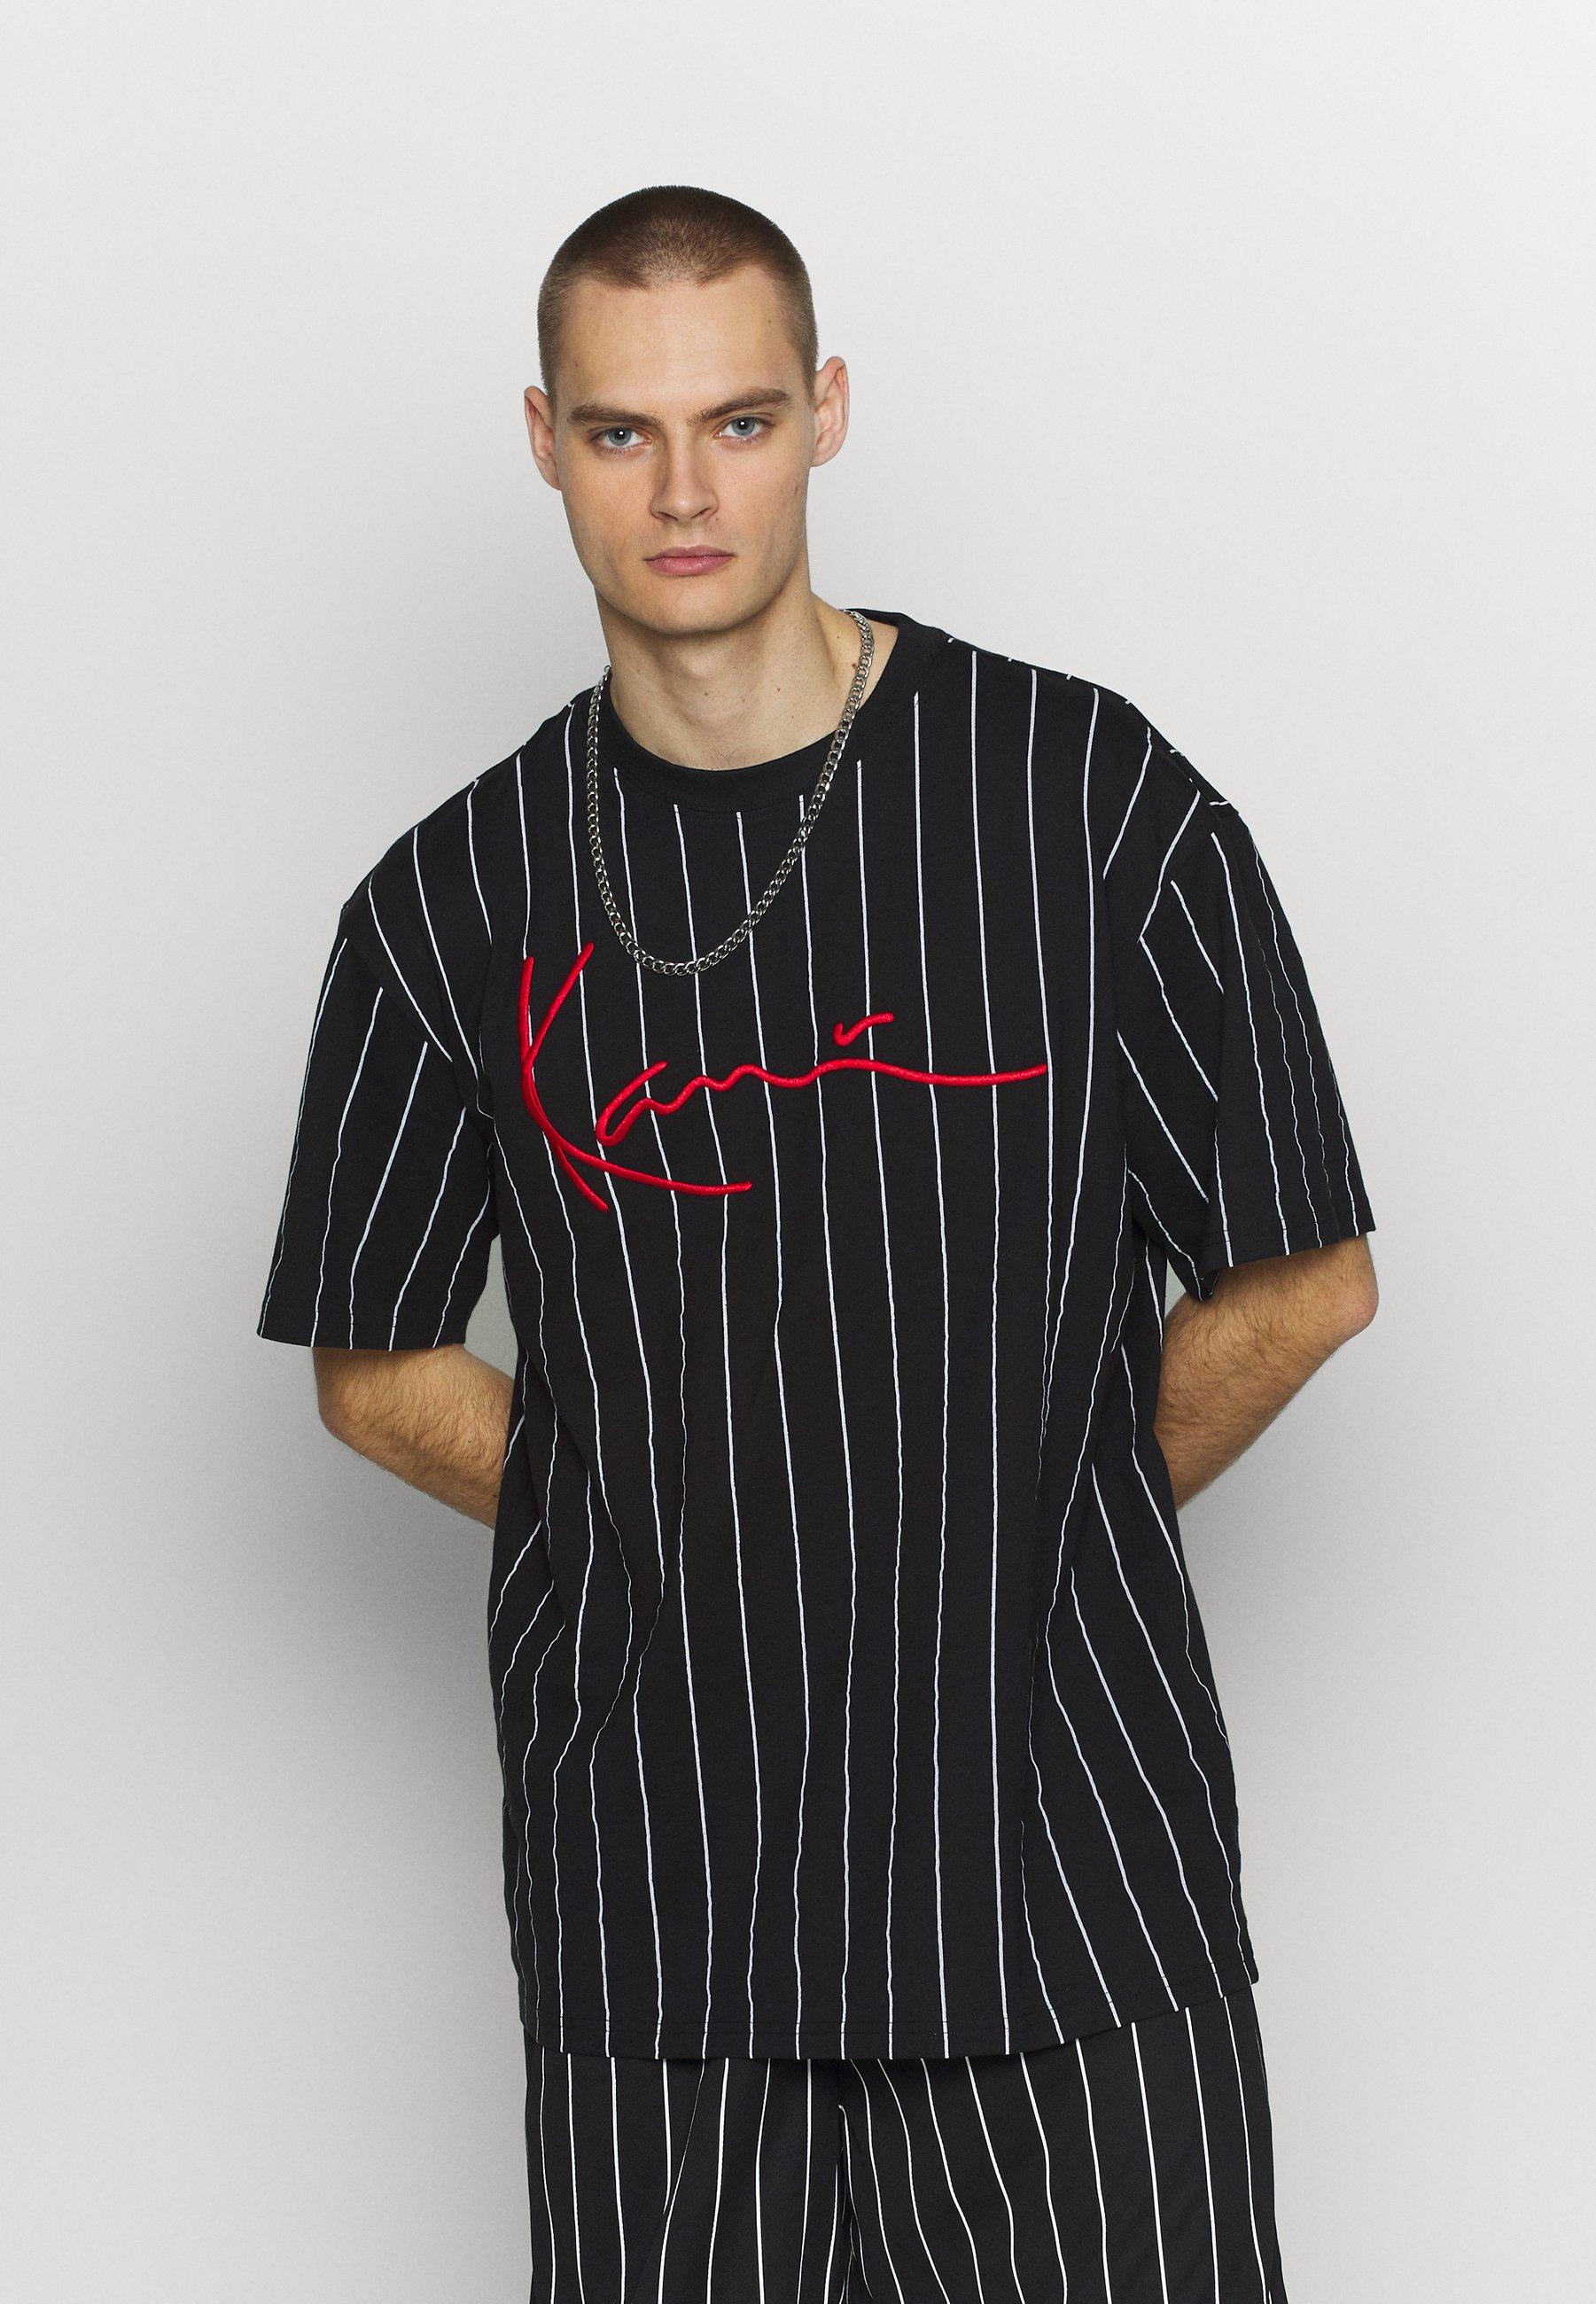 T-shirt Signture Karl Kani Weiß Herren